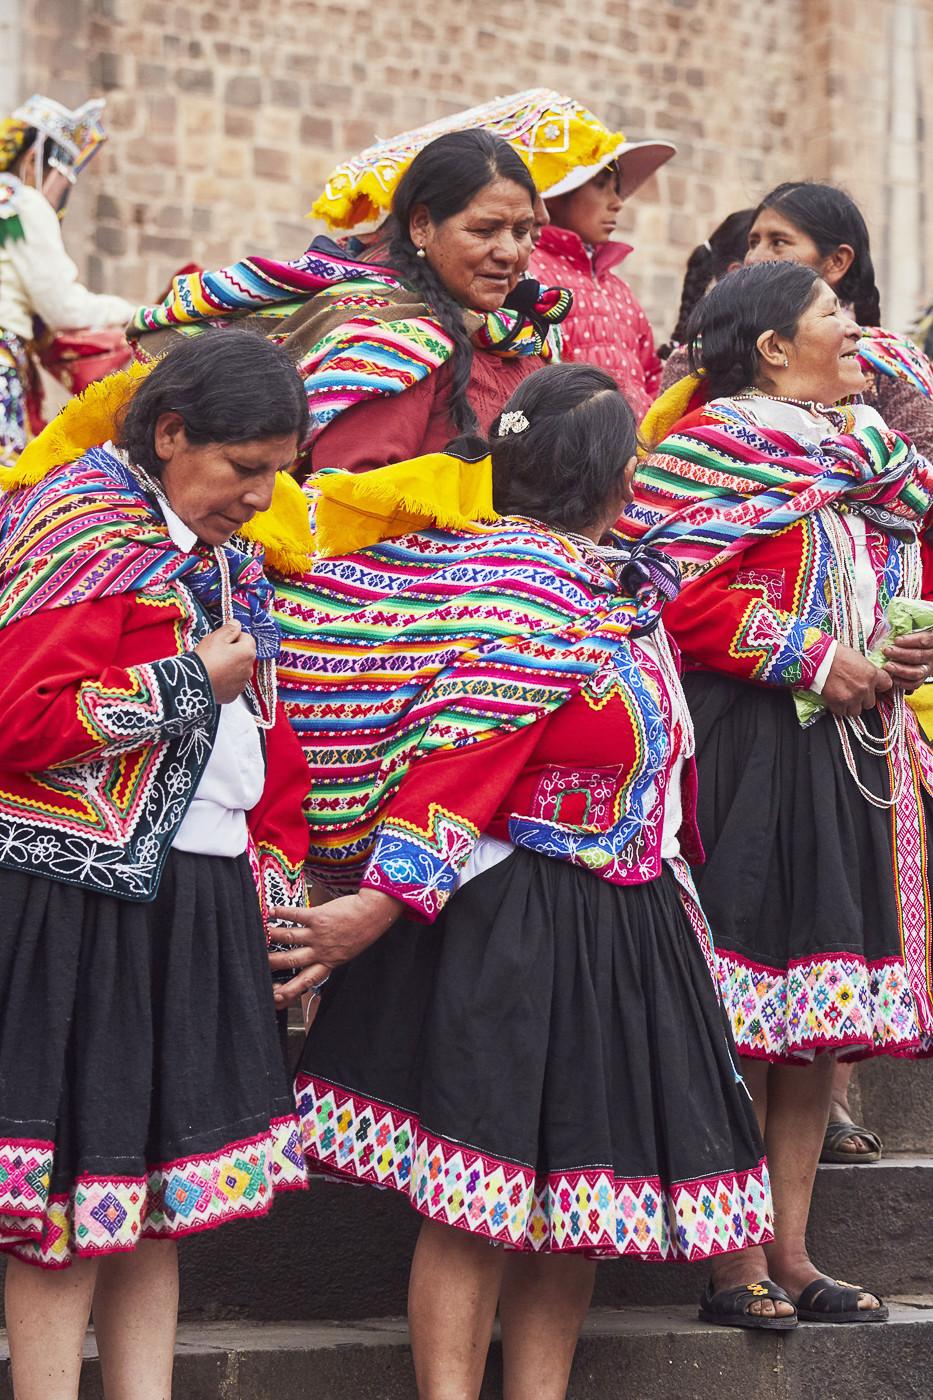 Die Frauen in der traditionellen peruanischen Tracht warten darauf, dass die Feierlichkeiten beginnen